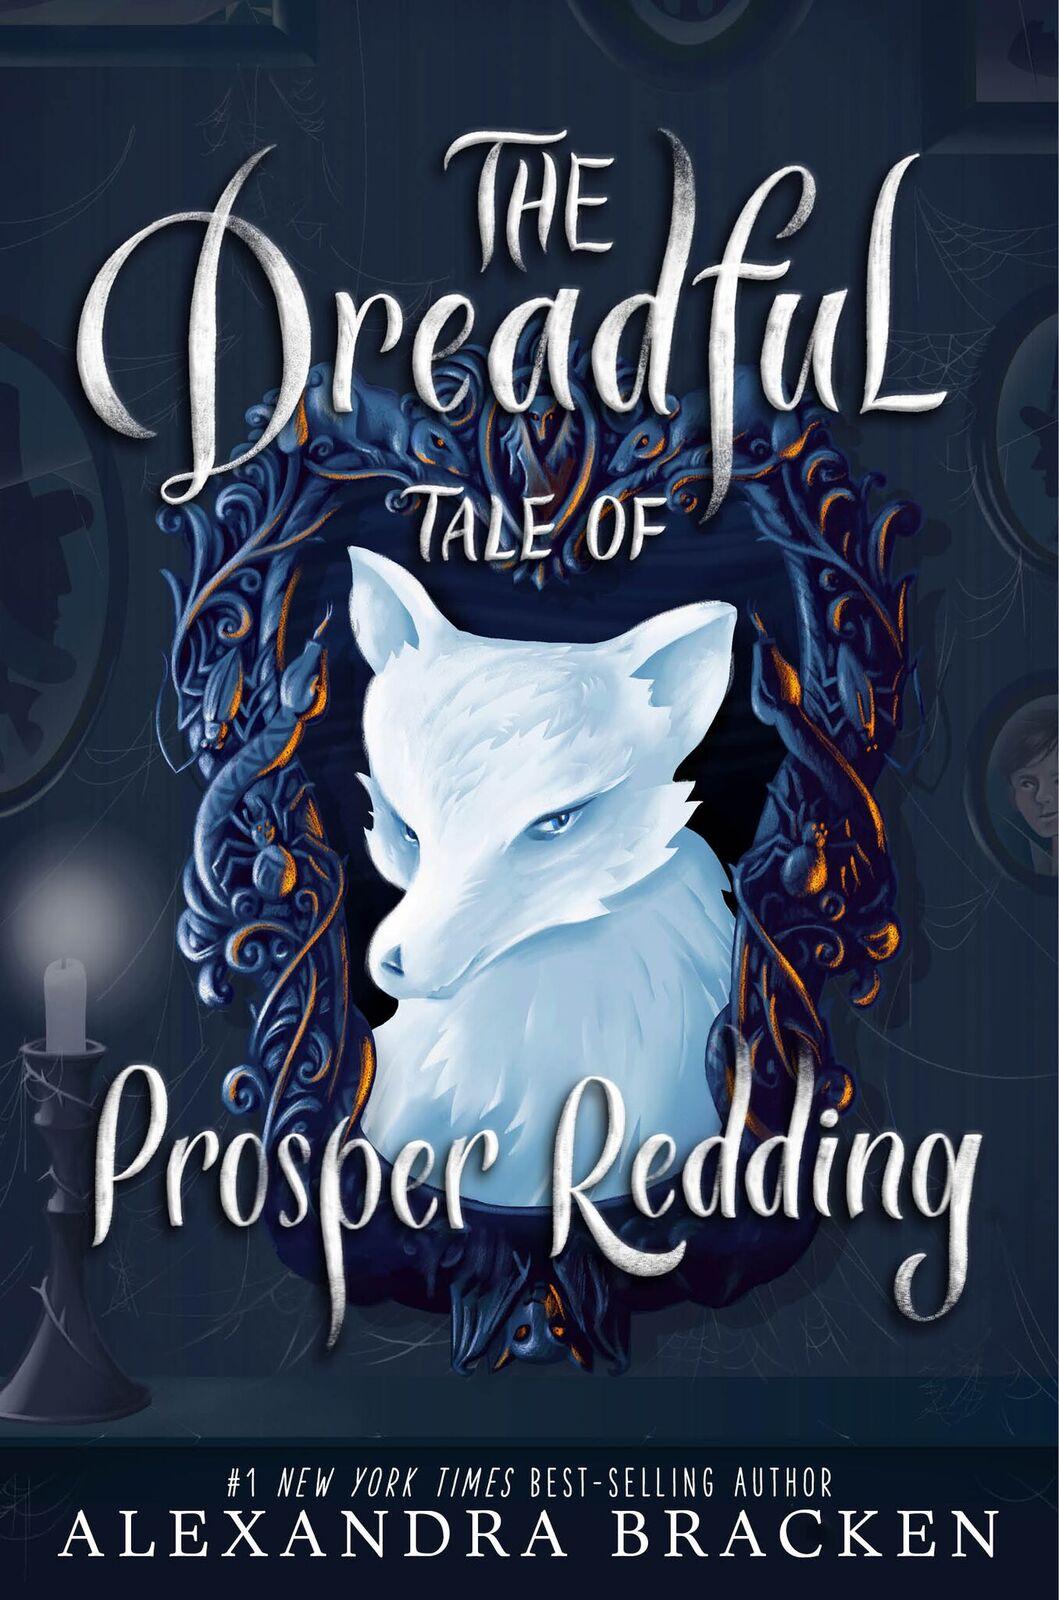 The Dreadful Tale of Prosper Redding + GIVEAWAY!